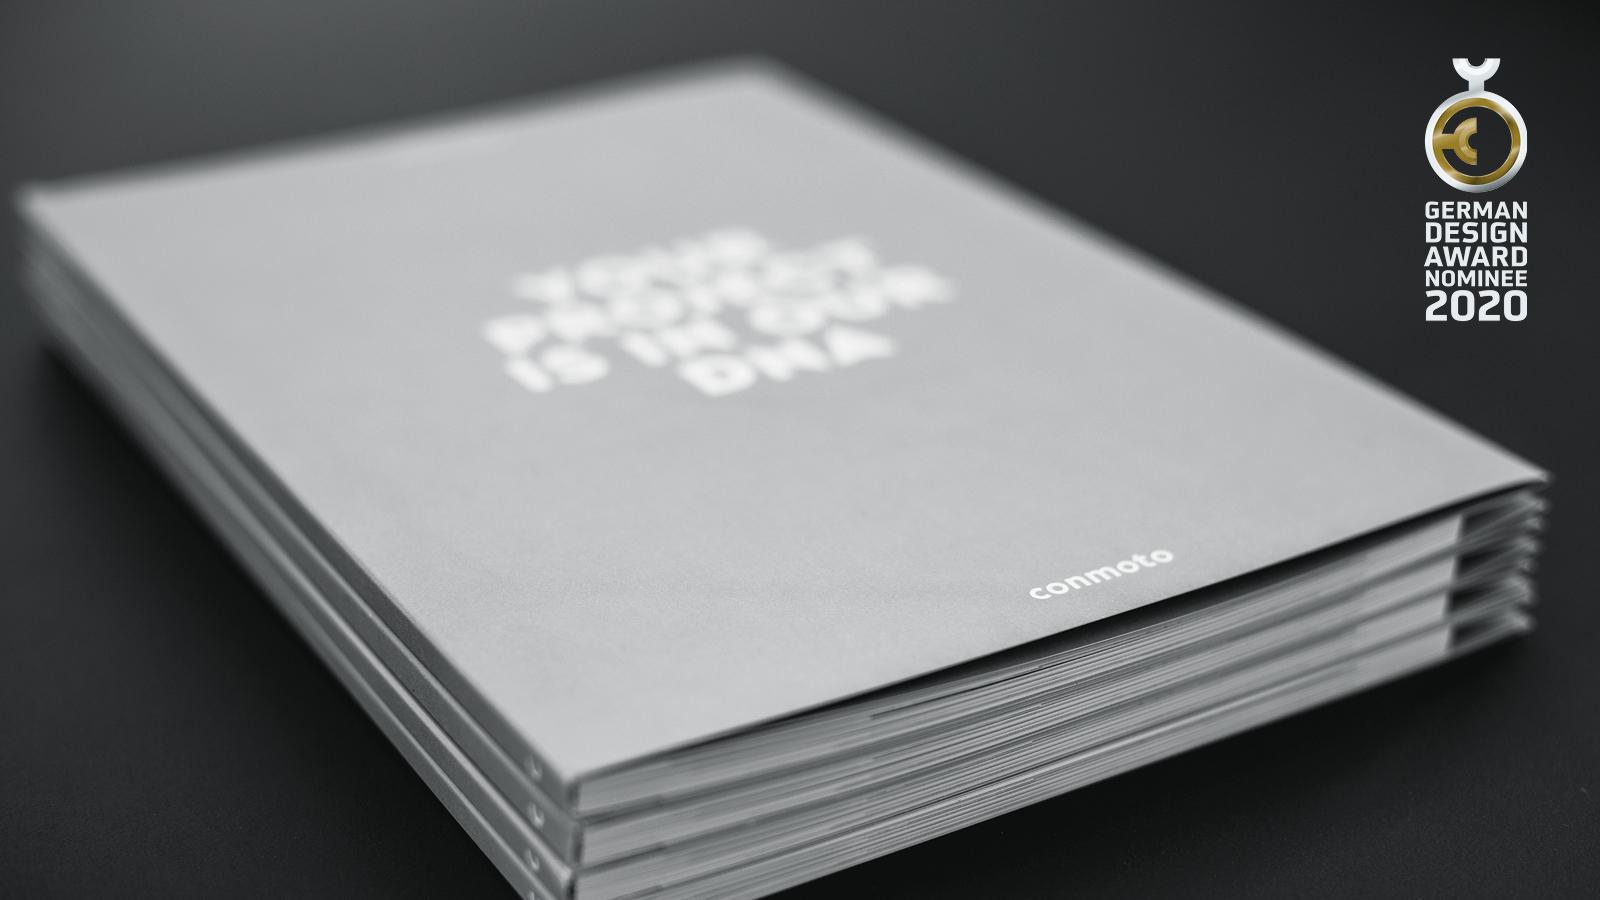 UNGESTRICHEN Buero fuer Kommunikationsdesign_start_the project DNA_B2B Marketingkonzept für conmnoto projects_German Design Award Nominee 2020_2.jpg